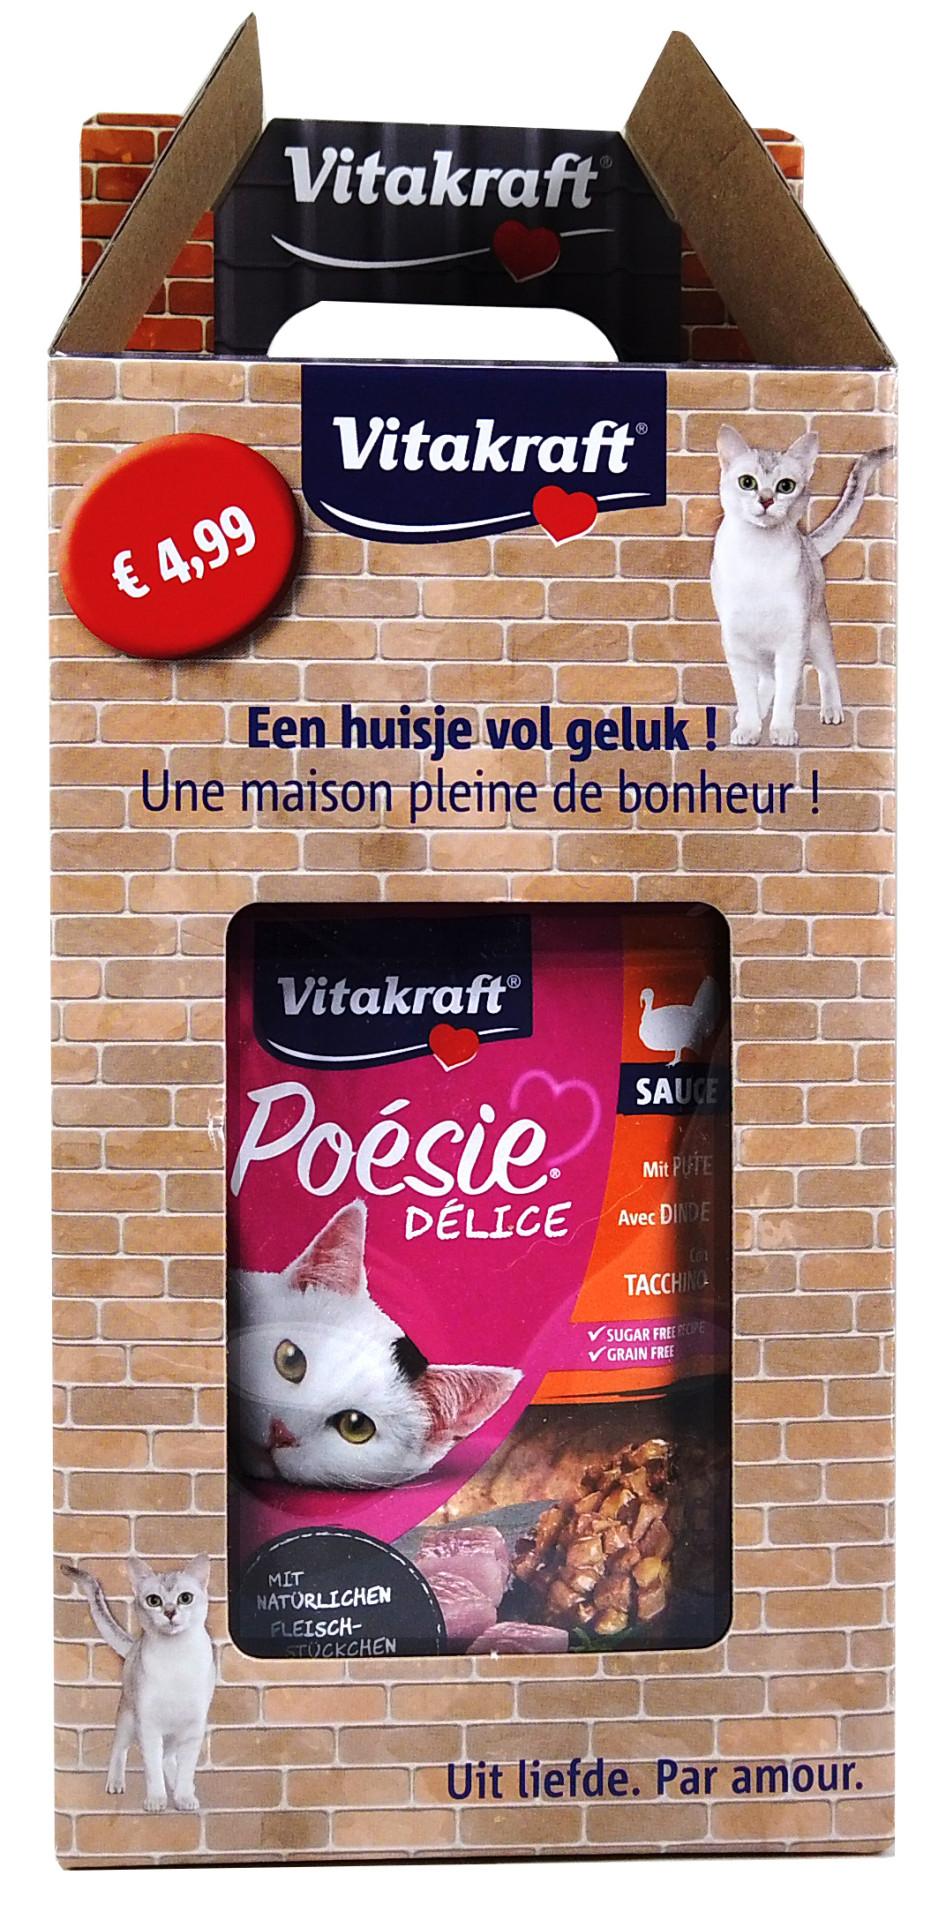 Vitakraft dierendagpakket kat